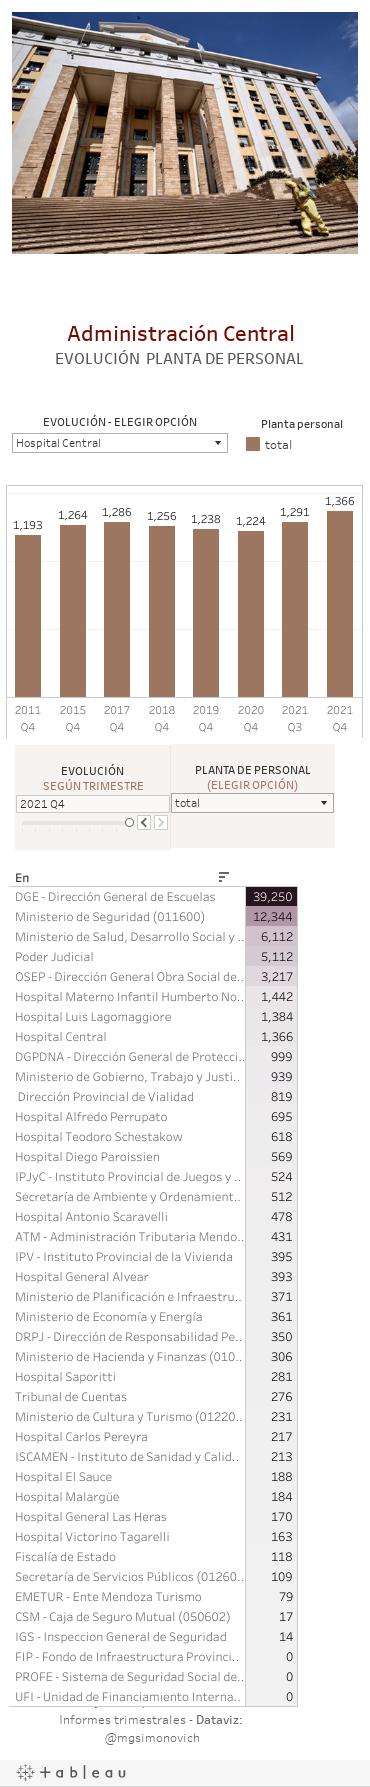 Administración CentralEVOLUCIÓN DE LA PLANTA DE PERSONAL PERMANENTE, TEMPORARIO Y TOTAL